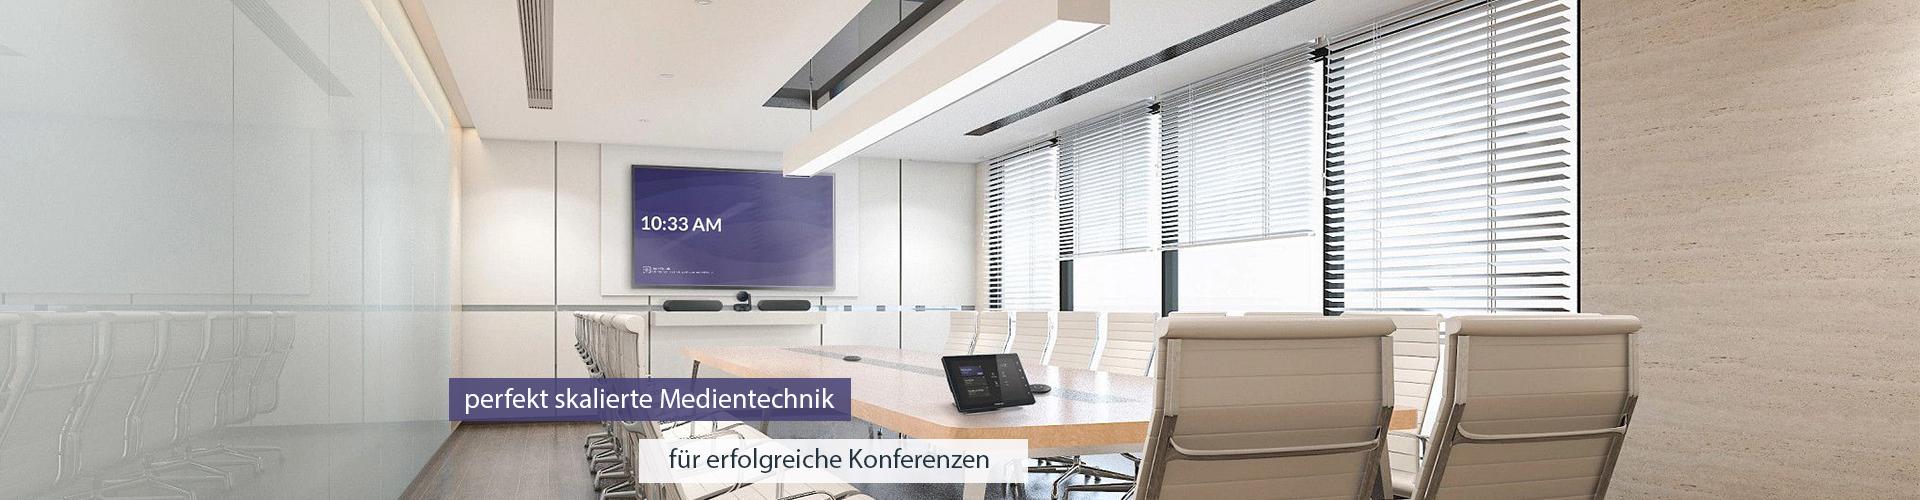 Medientechnik und Konferenzraumtechnik